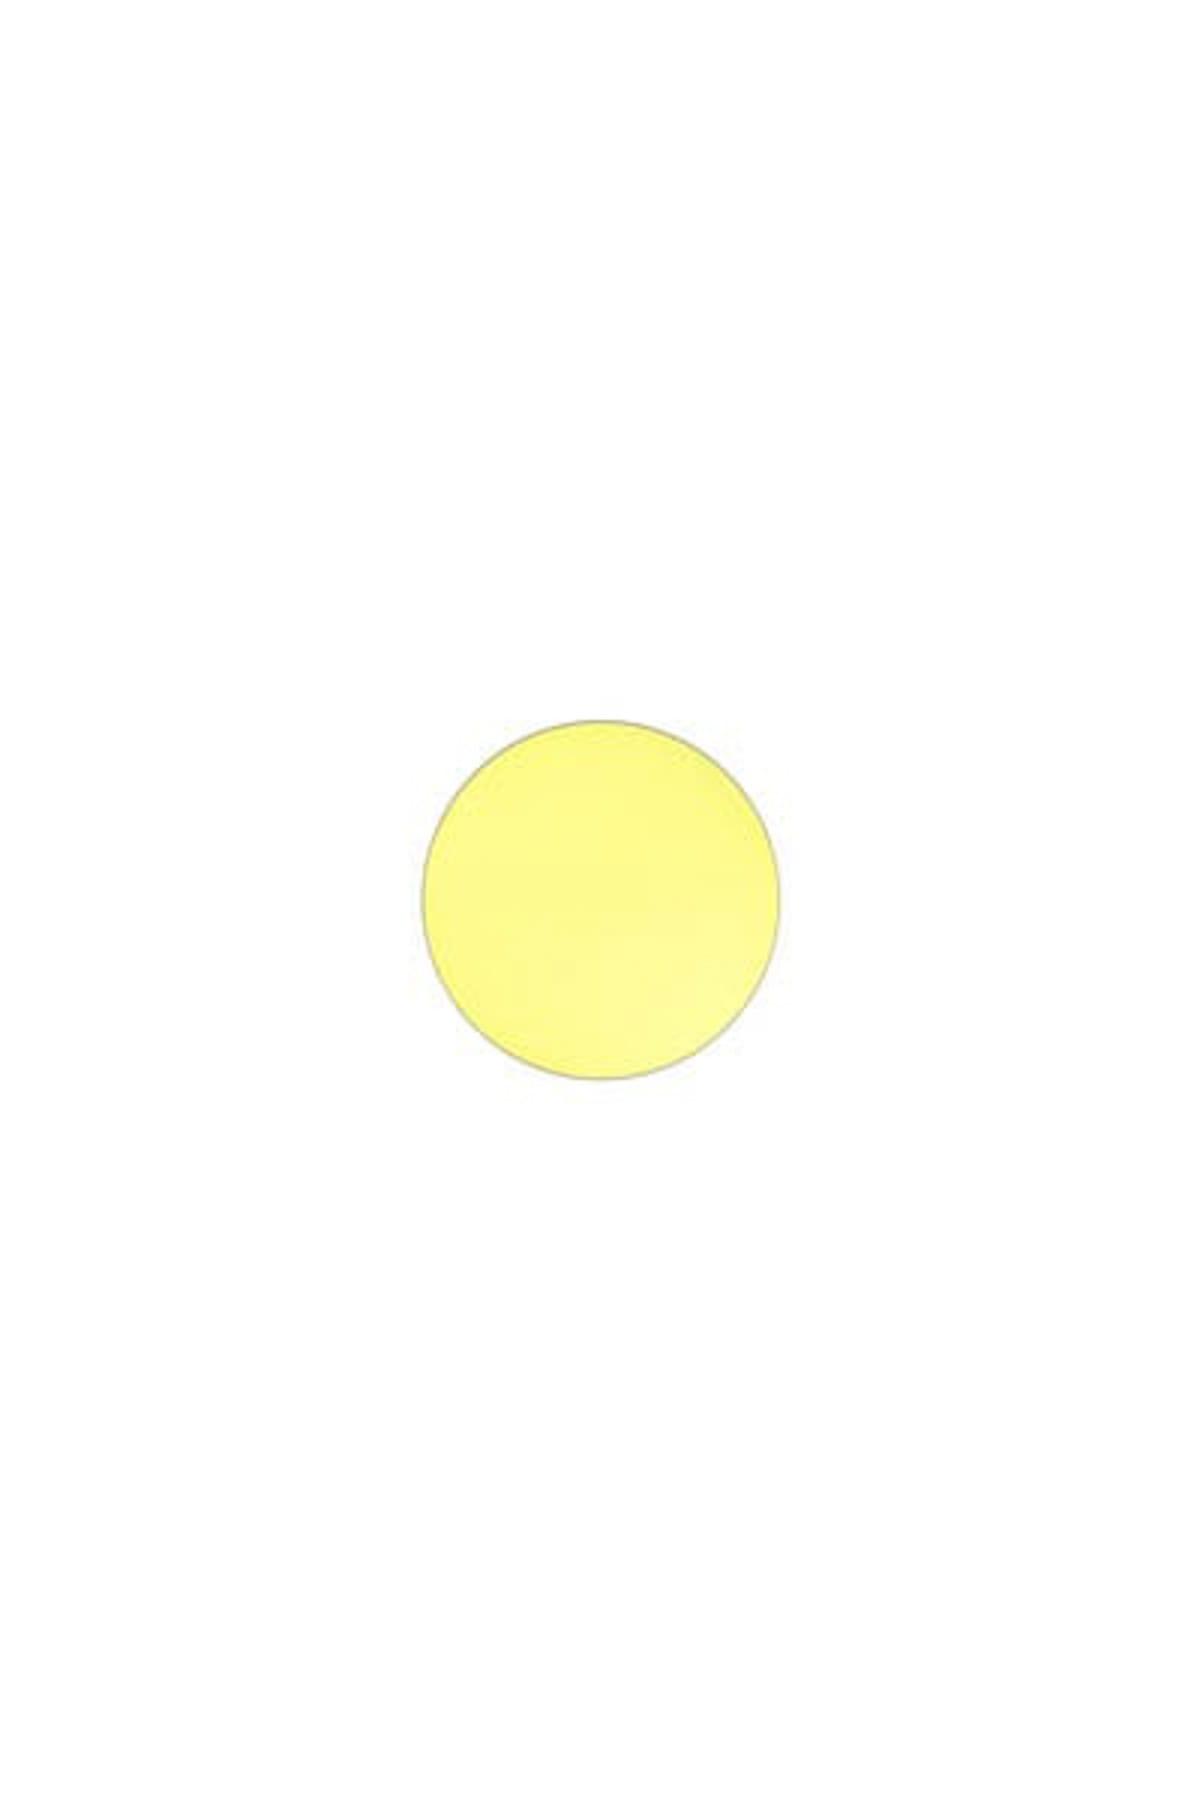 M.A.C Göz Farı - Refill Far Shock Factor 1.5 g 773602462681 1